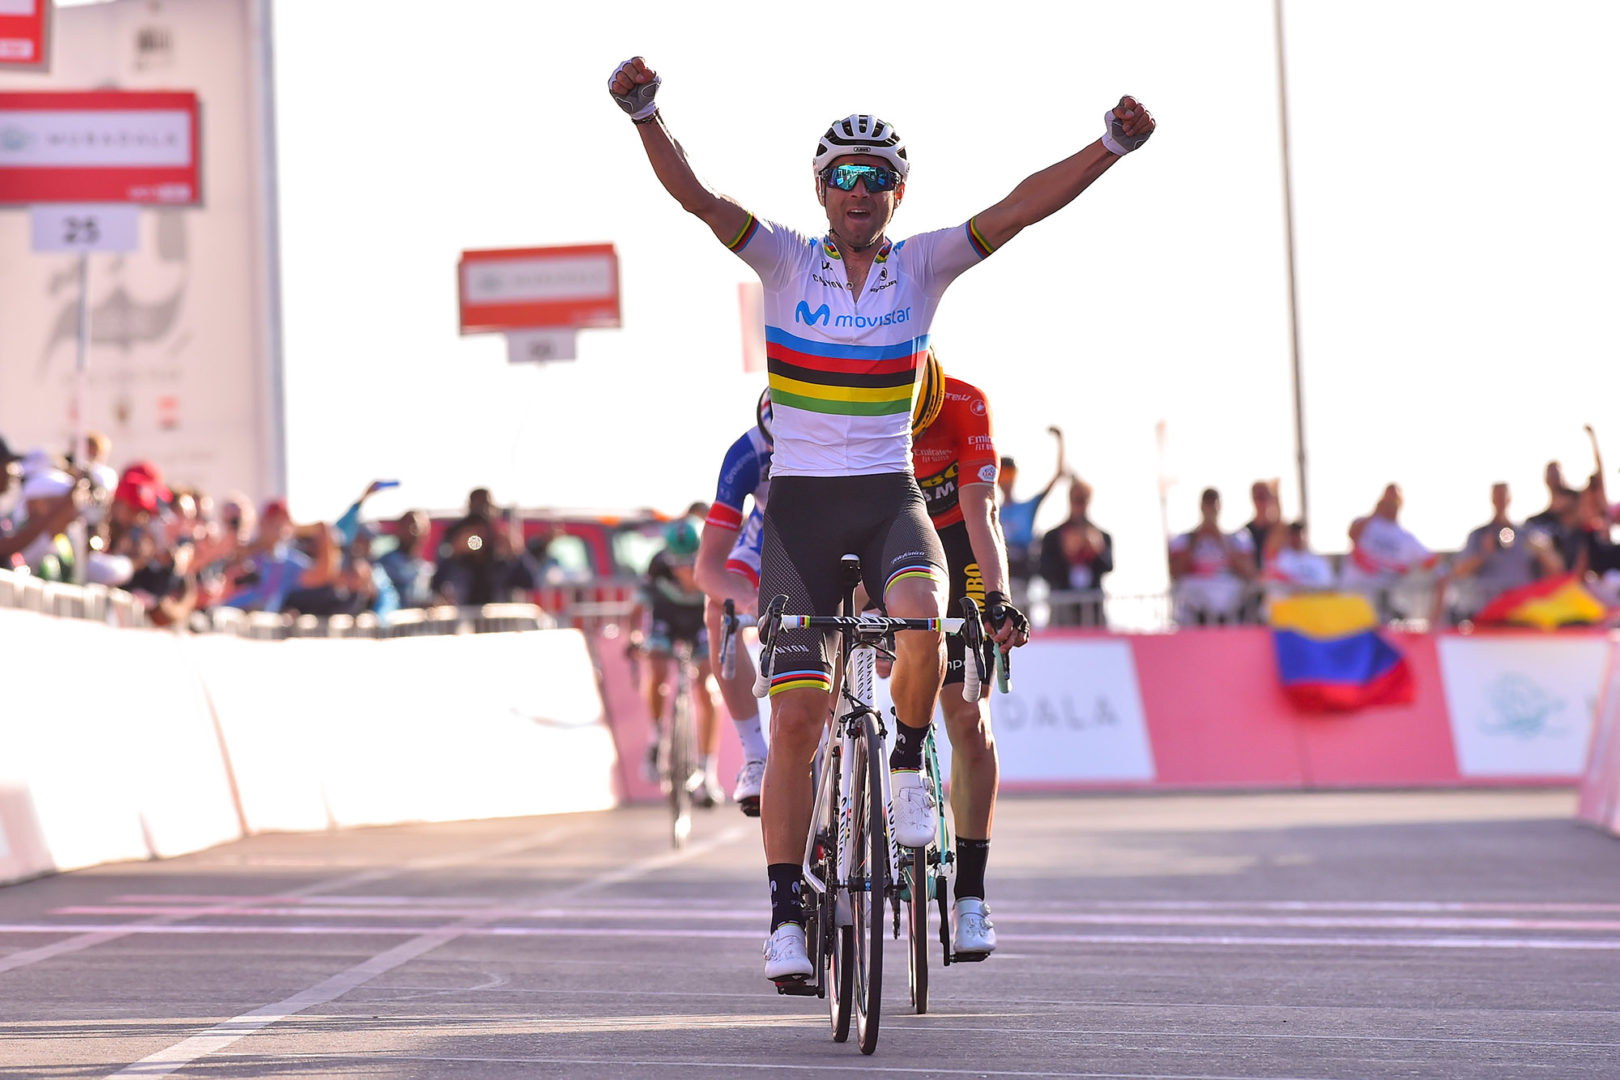 La única victoria de Valverde en 2019 fue en el UAE Tour.